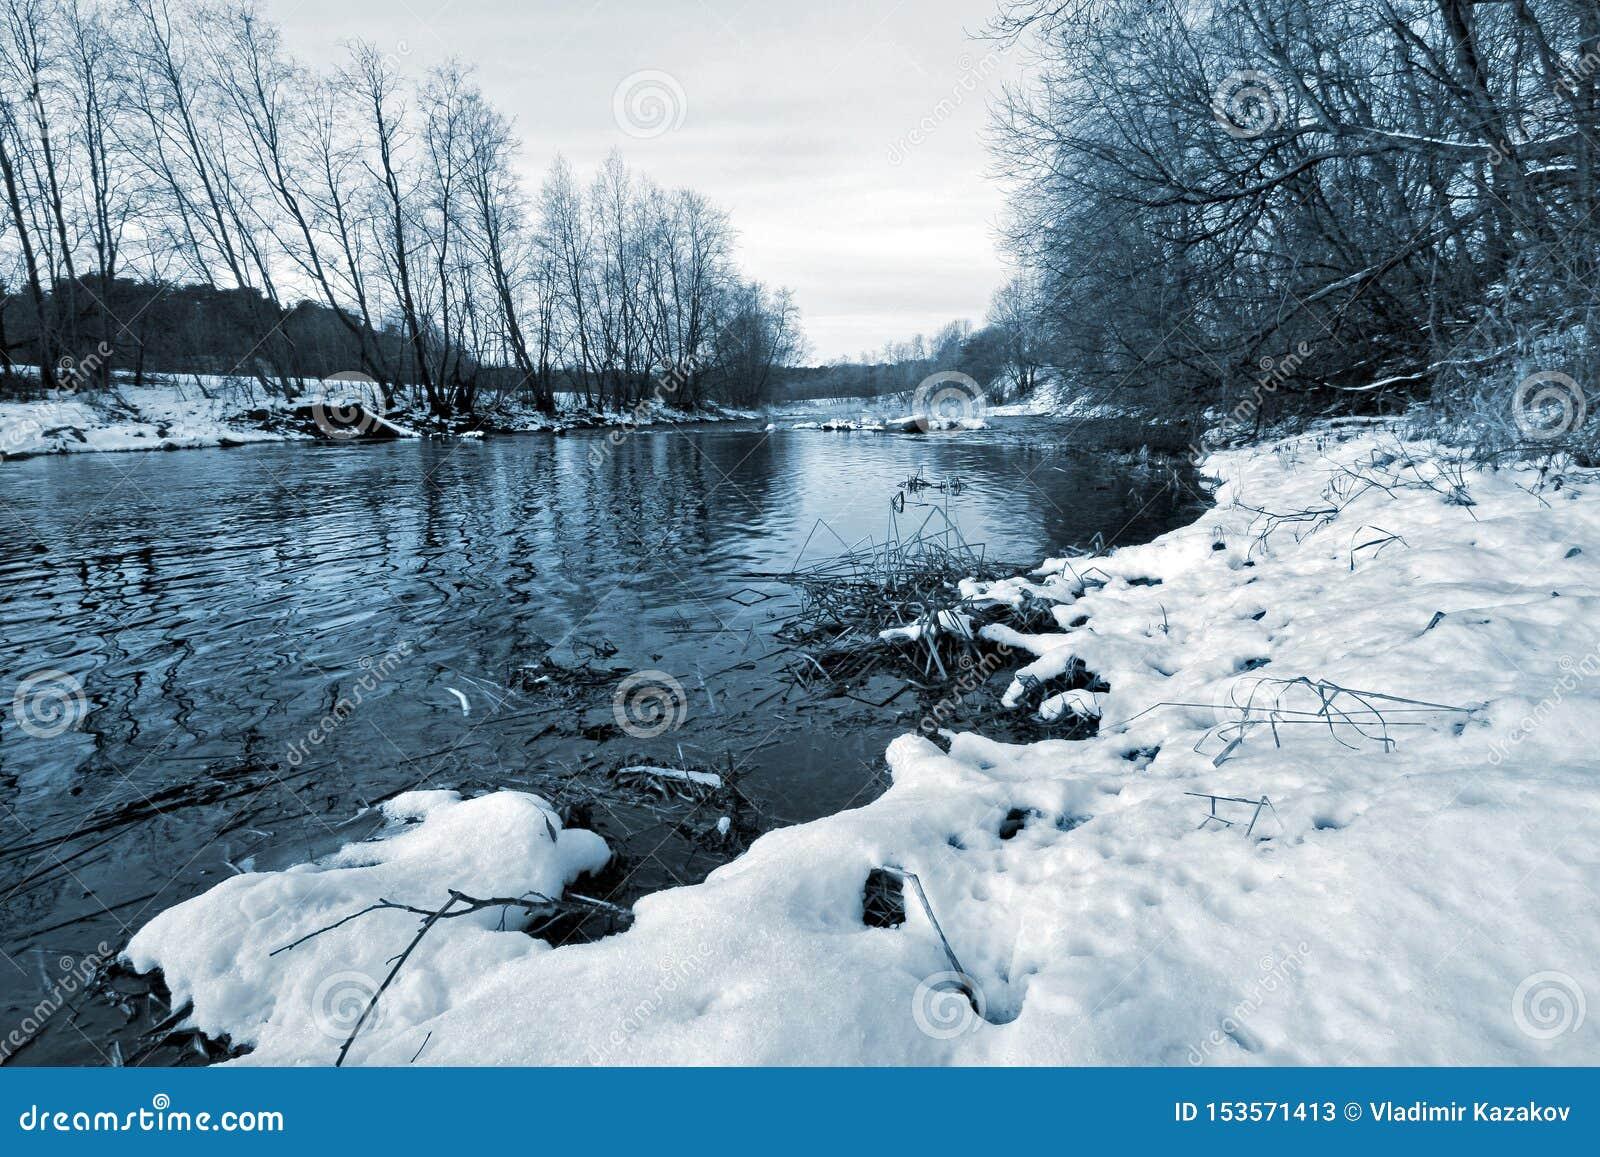 Rivier zonder ijs in de winter met sneeuw op de kust en het groeien bomen